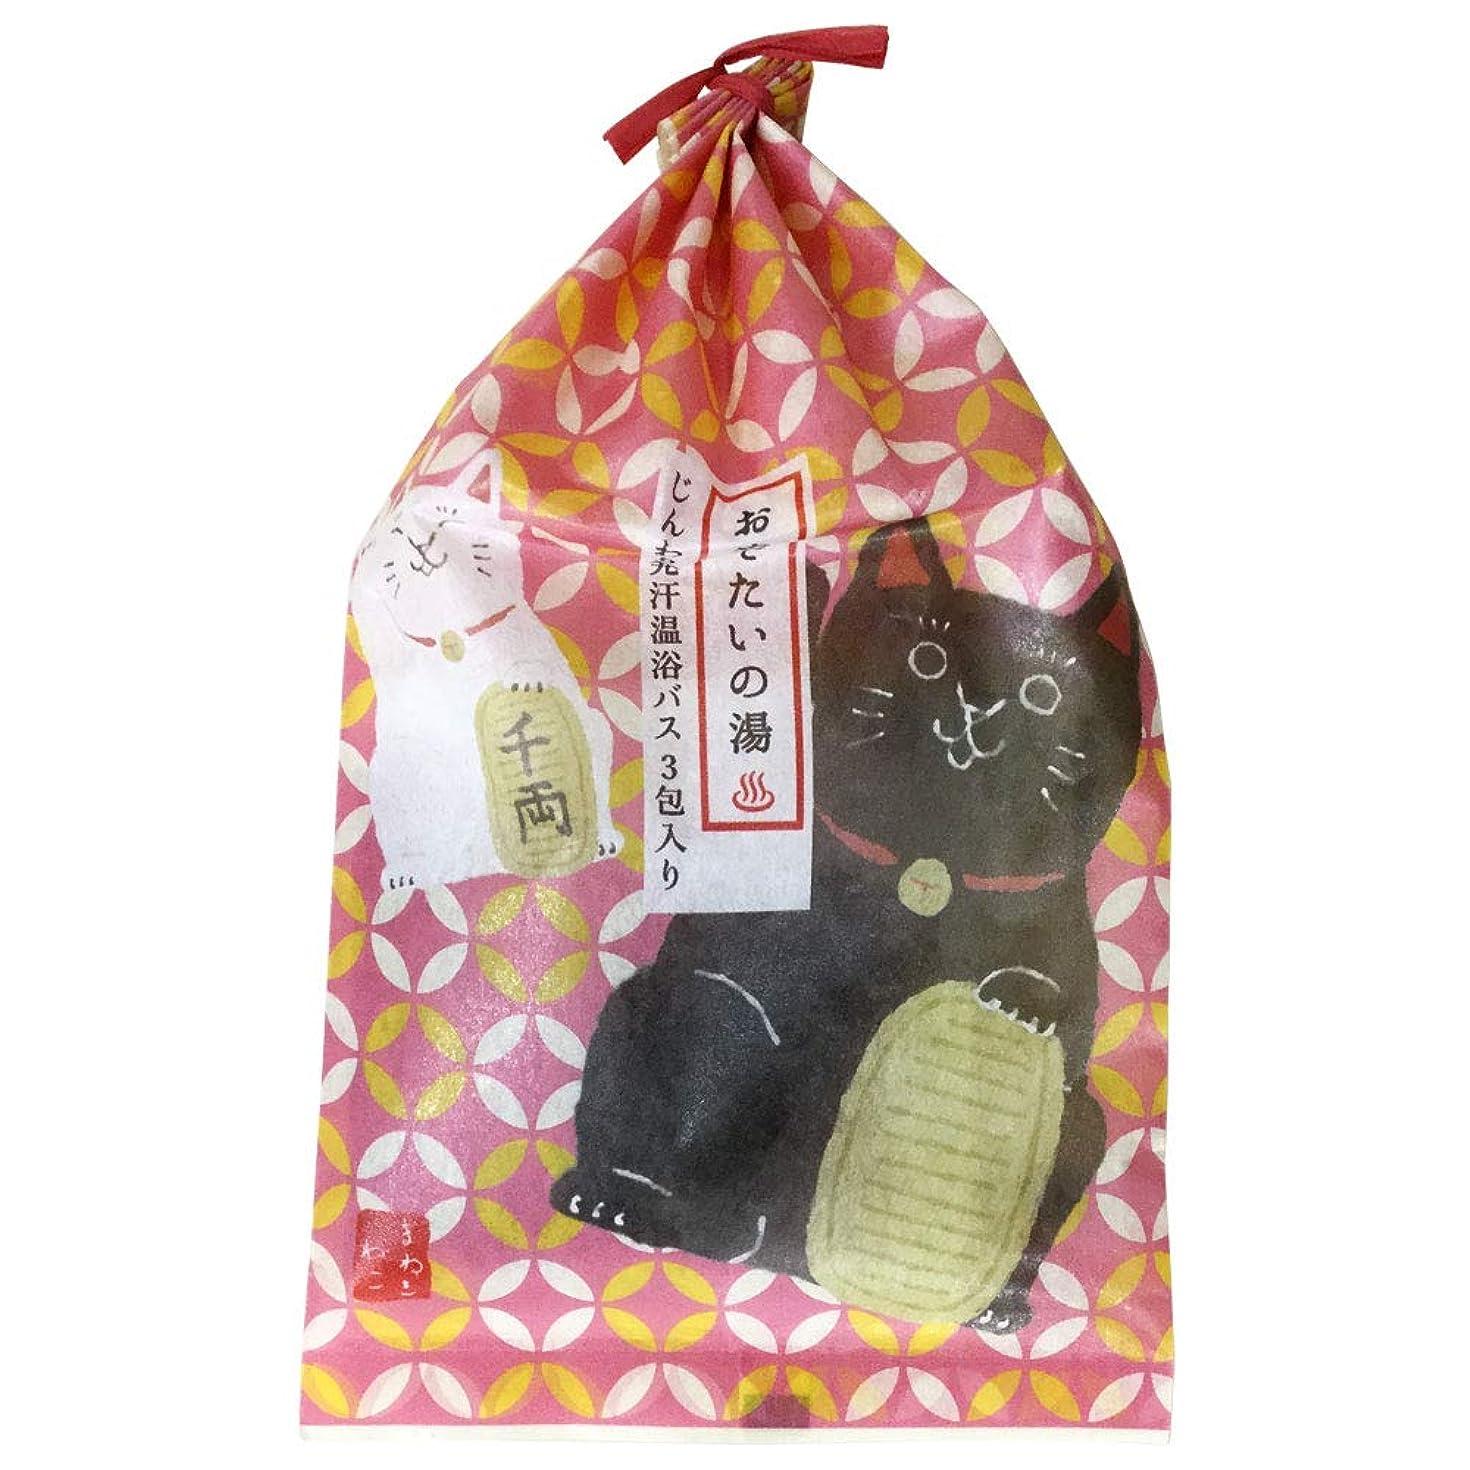 ぬいぐるみ可聴エンコミウム【招き猫(60789)】 チャーリー おめでたいの湯 バスバッグ3包入り 日本製